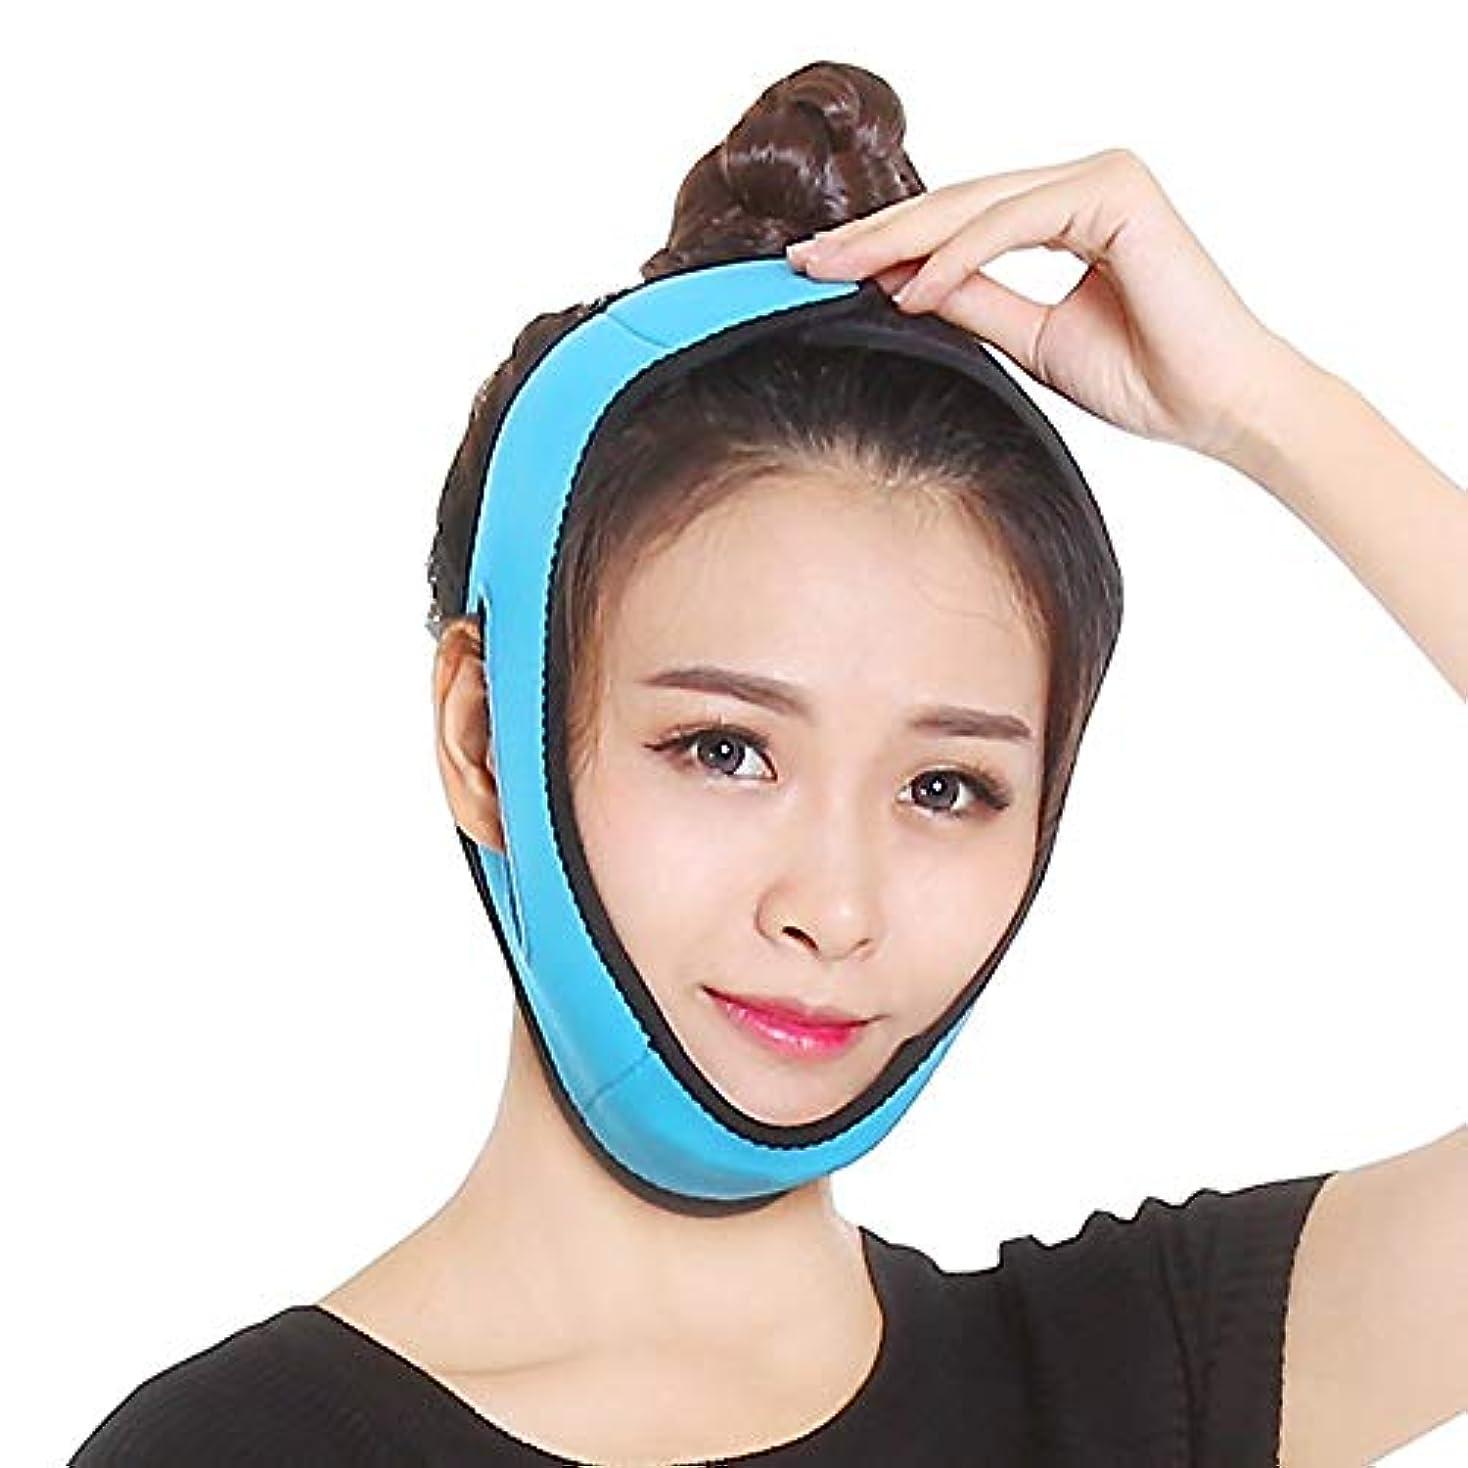 しっかりよりきちんとしたMinmin フェイシャルリフティングスリミングベルト - 薄いフェイス包帯二重あごデバイス無料フェイシャルマッサージ整形マスクを引き締める顔と首の顔スリム みんみんVラインフェイスマスク